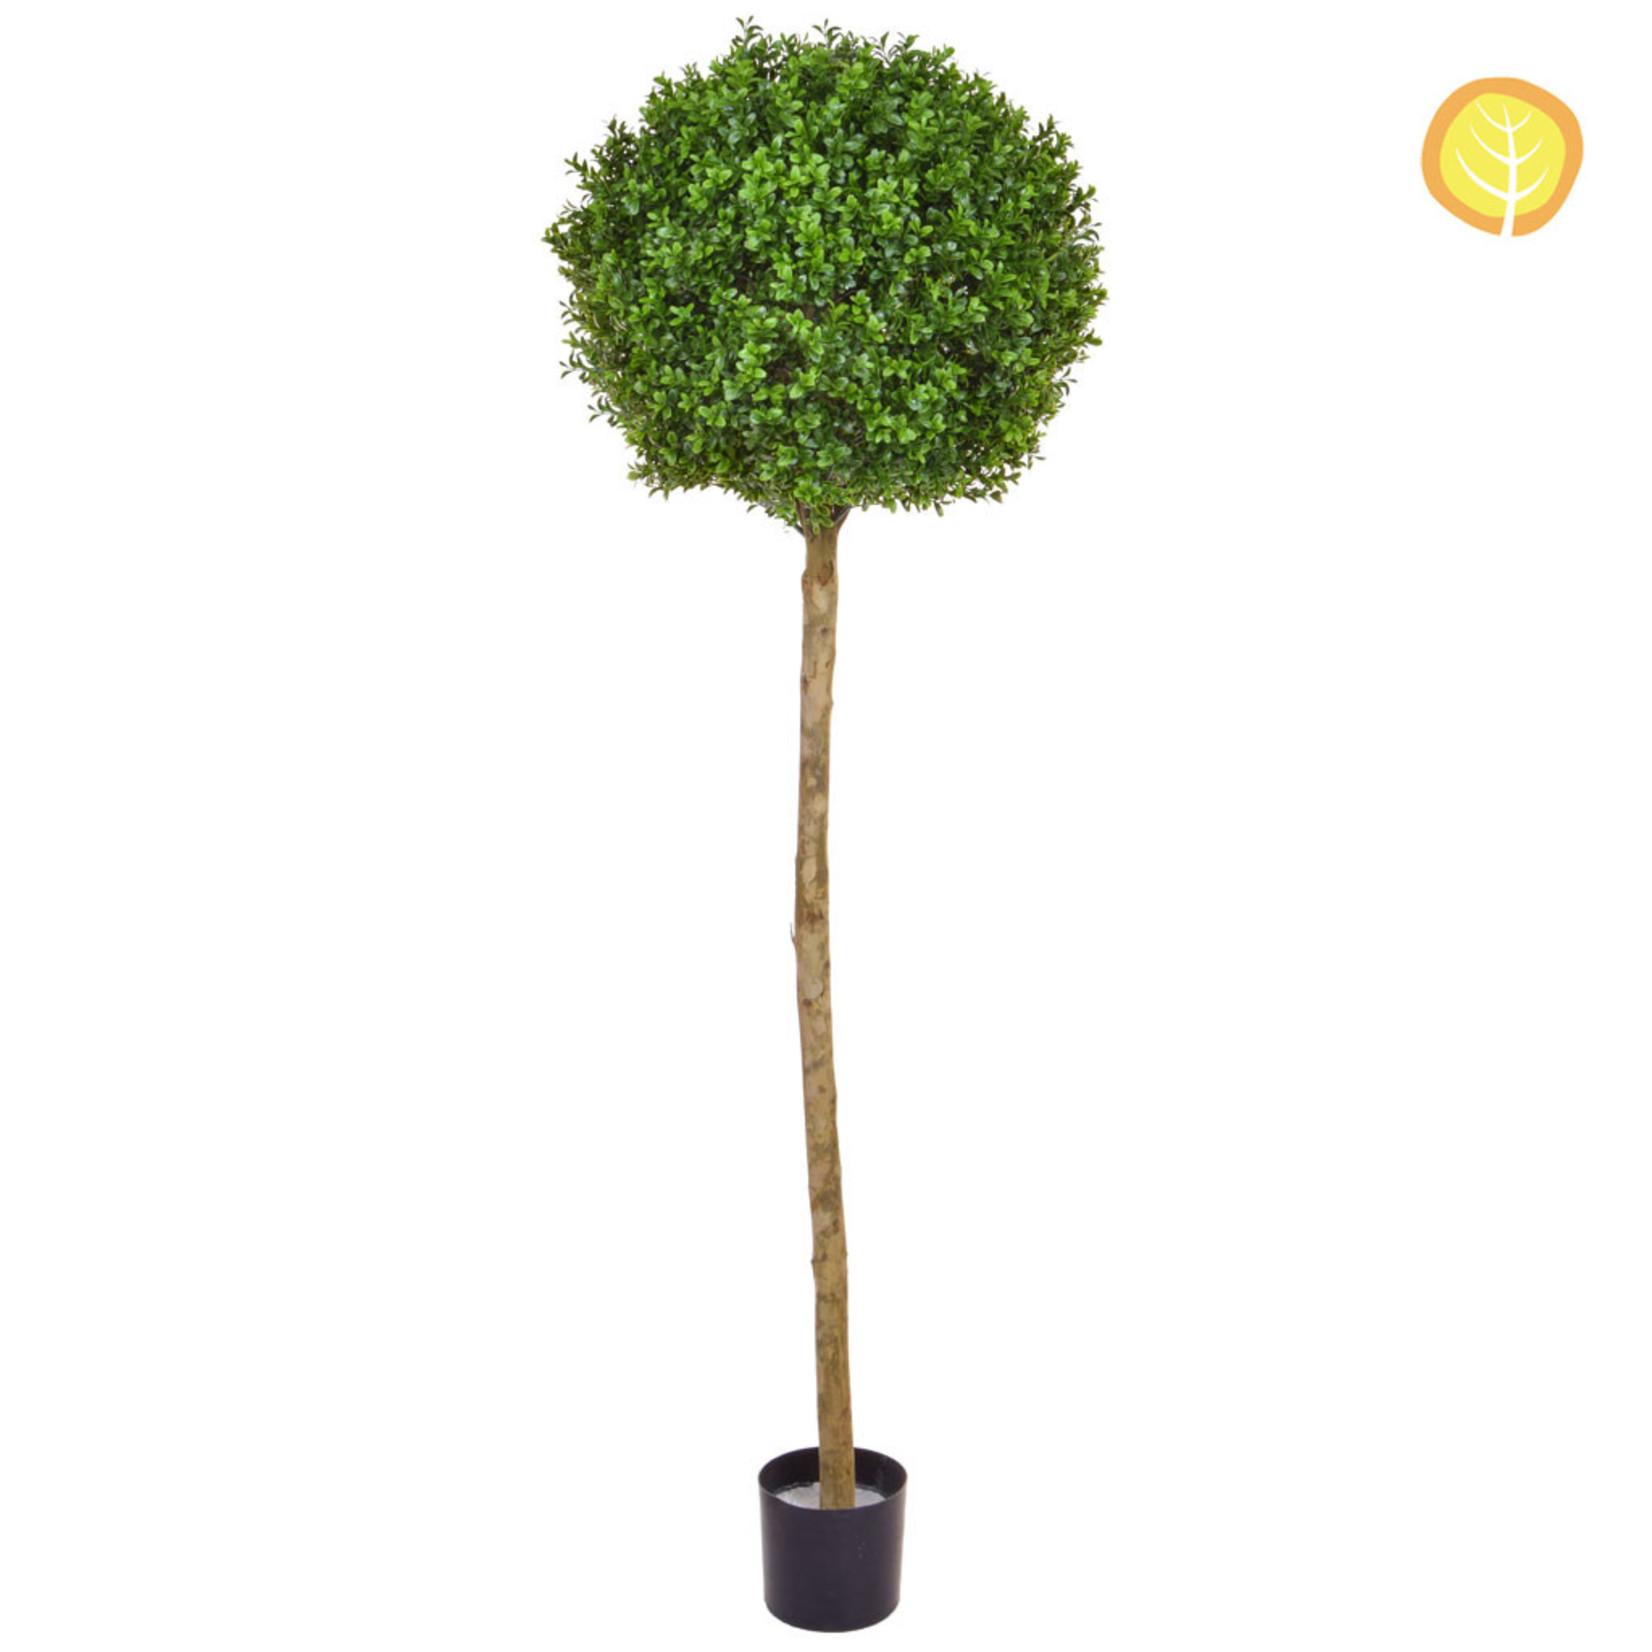 Topiary New Buxus Ball Tree 150cm - UV  Resistant